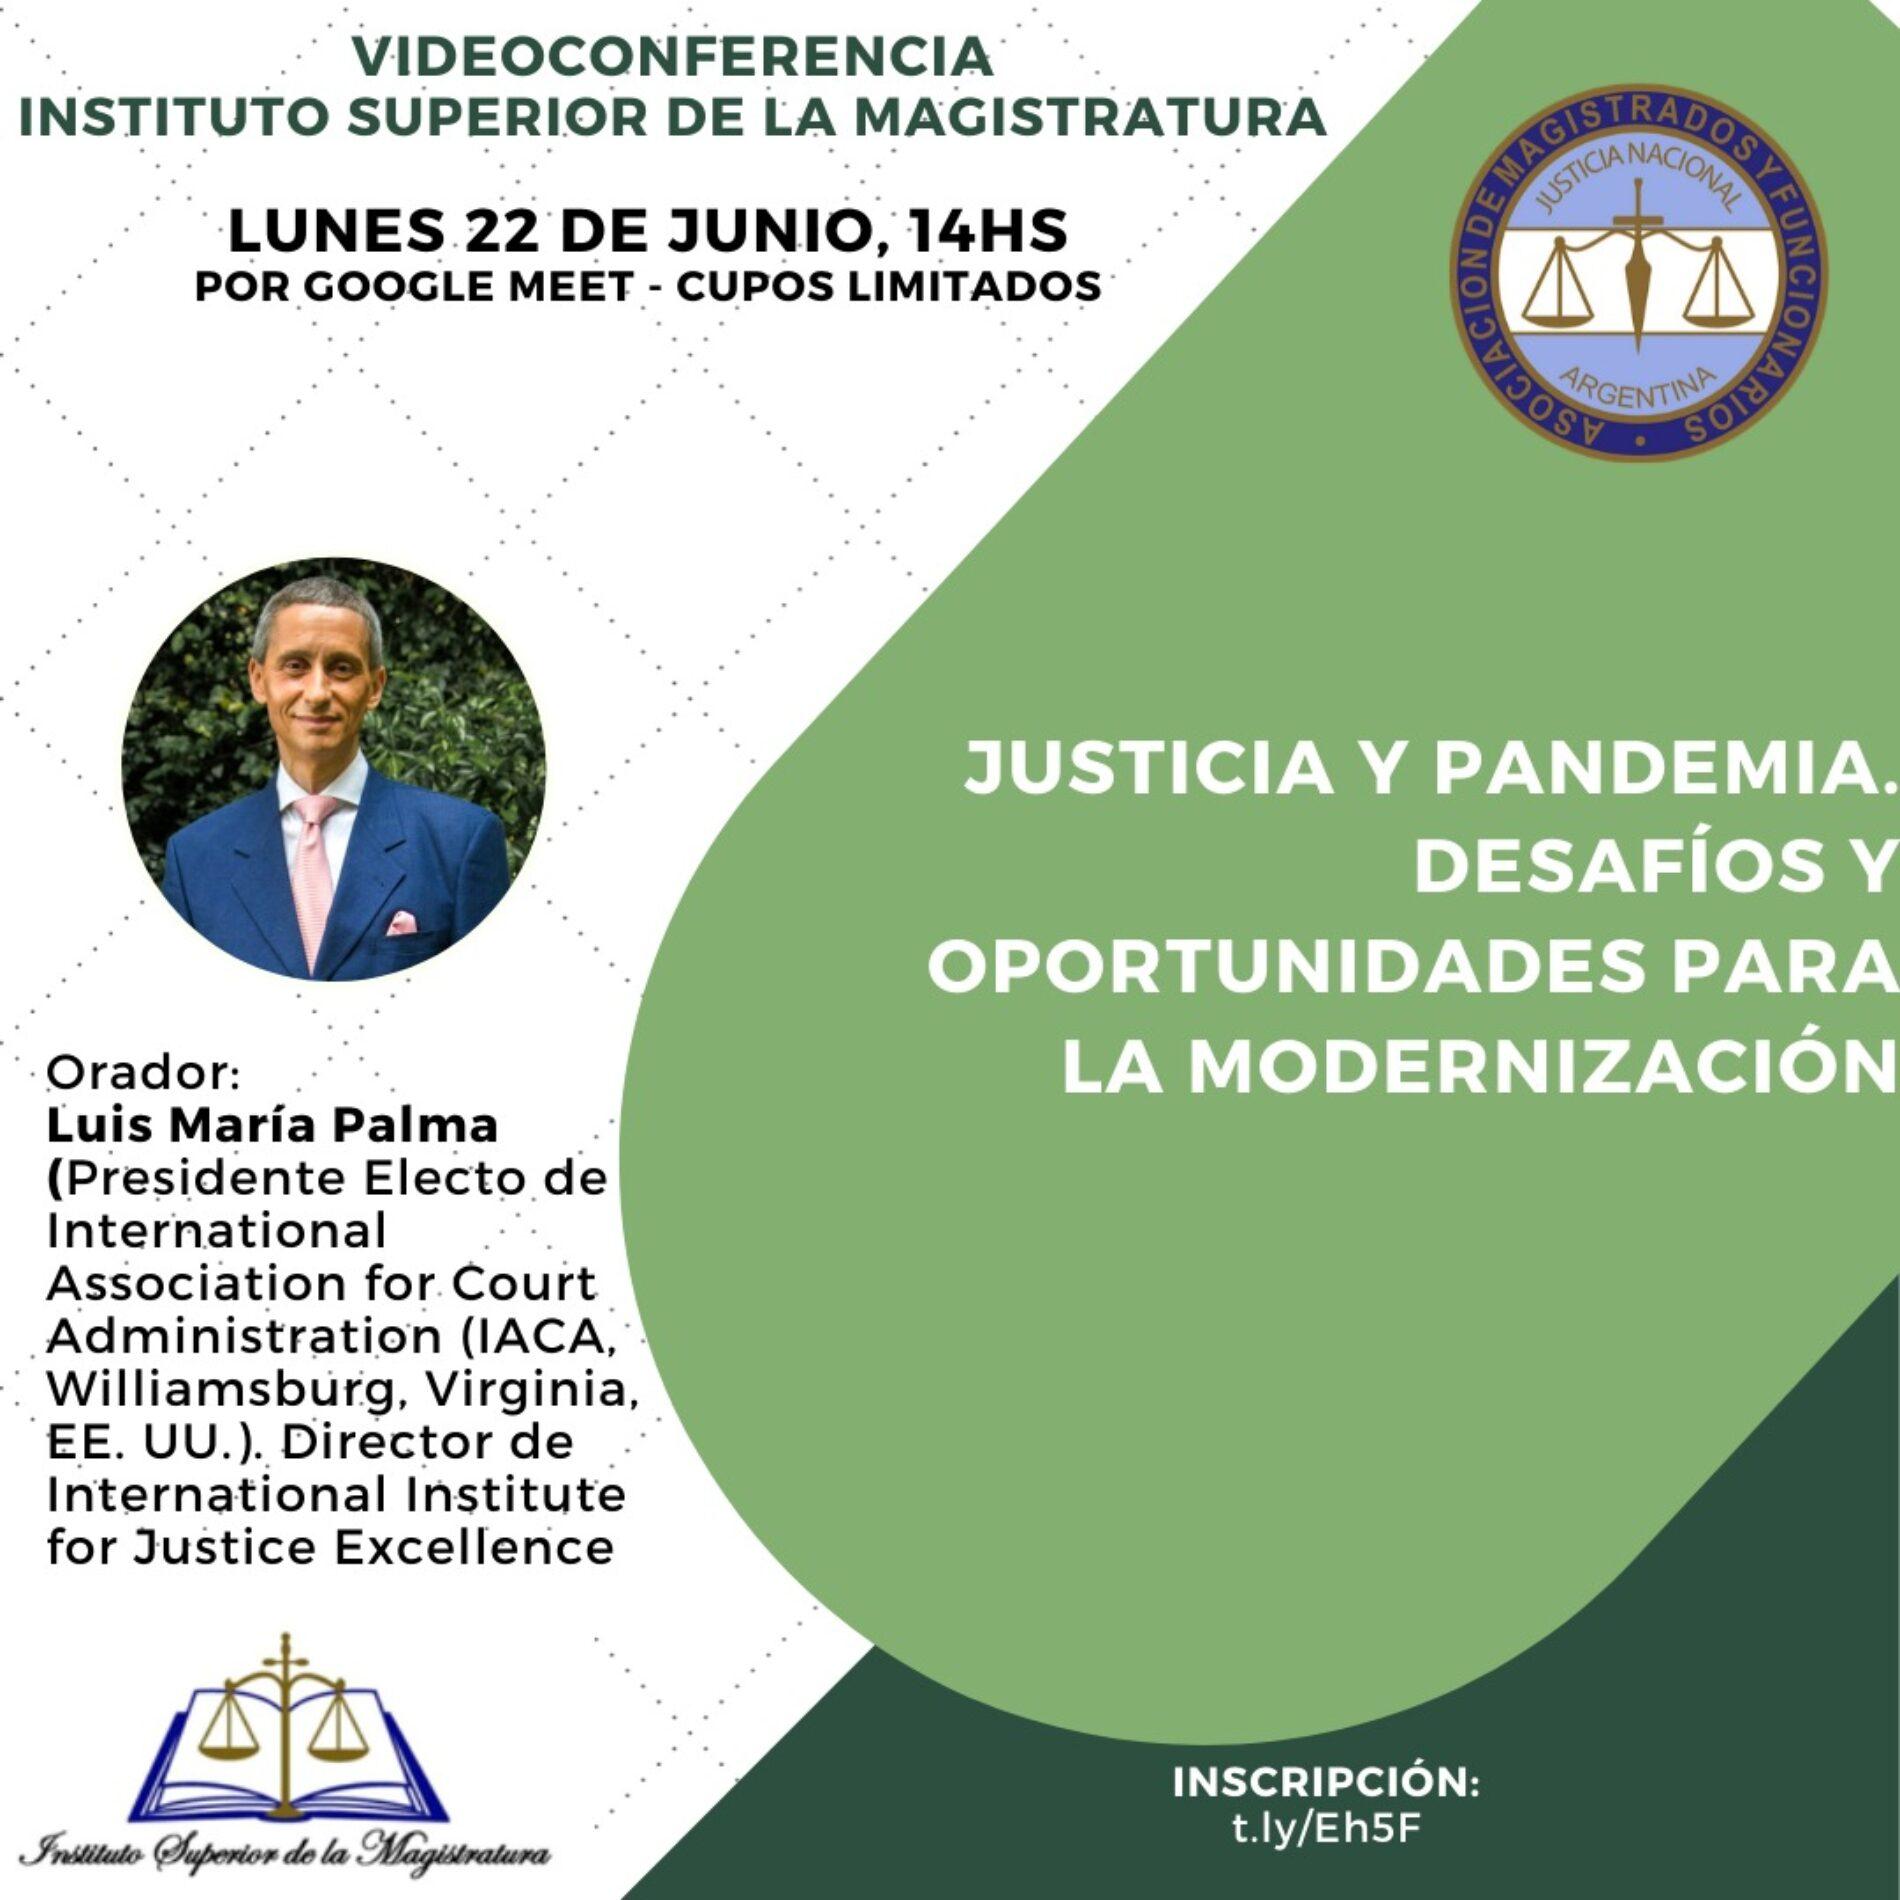 Videoconferencia «Justicia y pandemia. Desafíos y oportunidades para la modernización.»